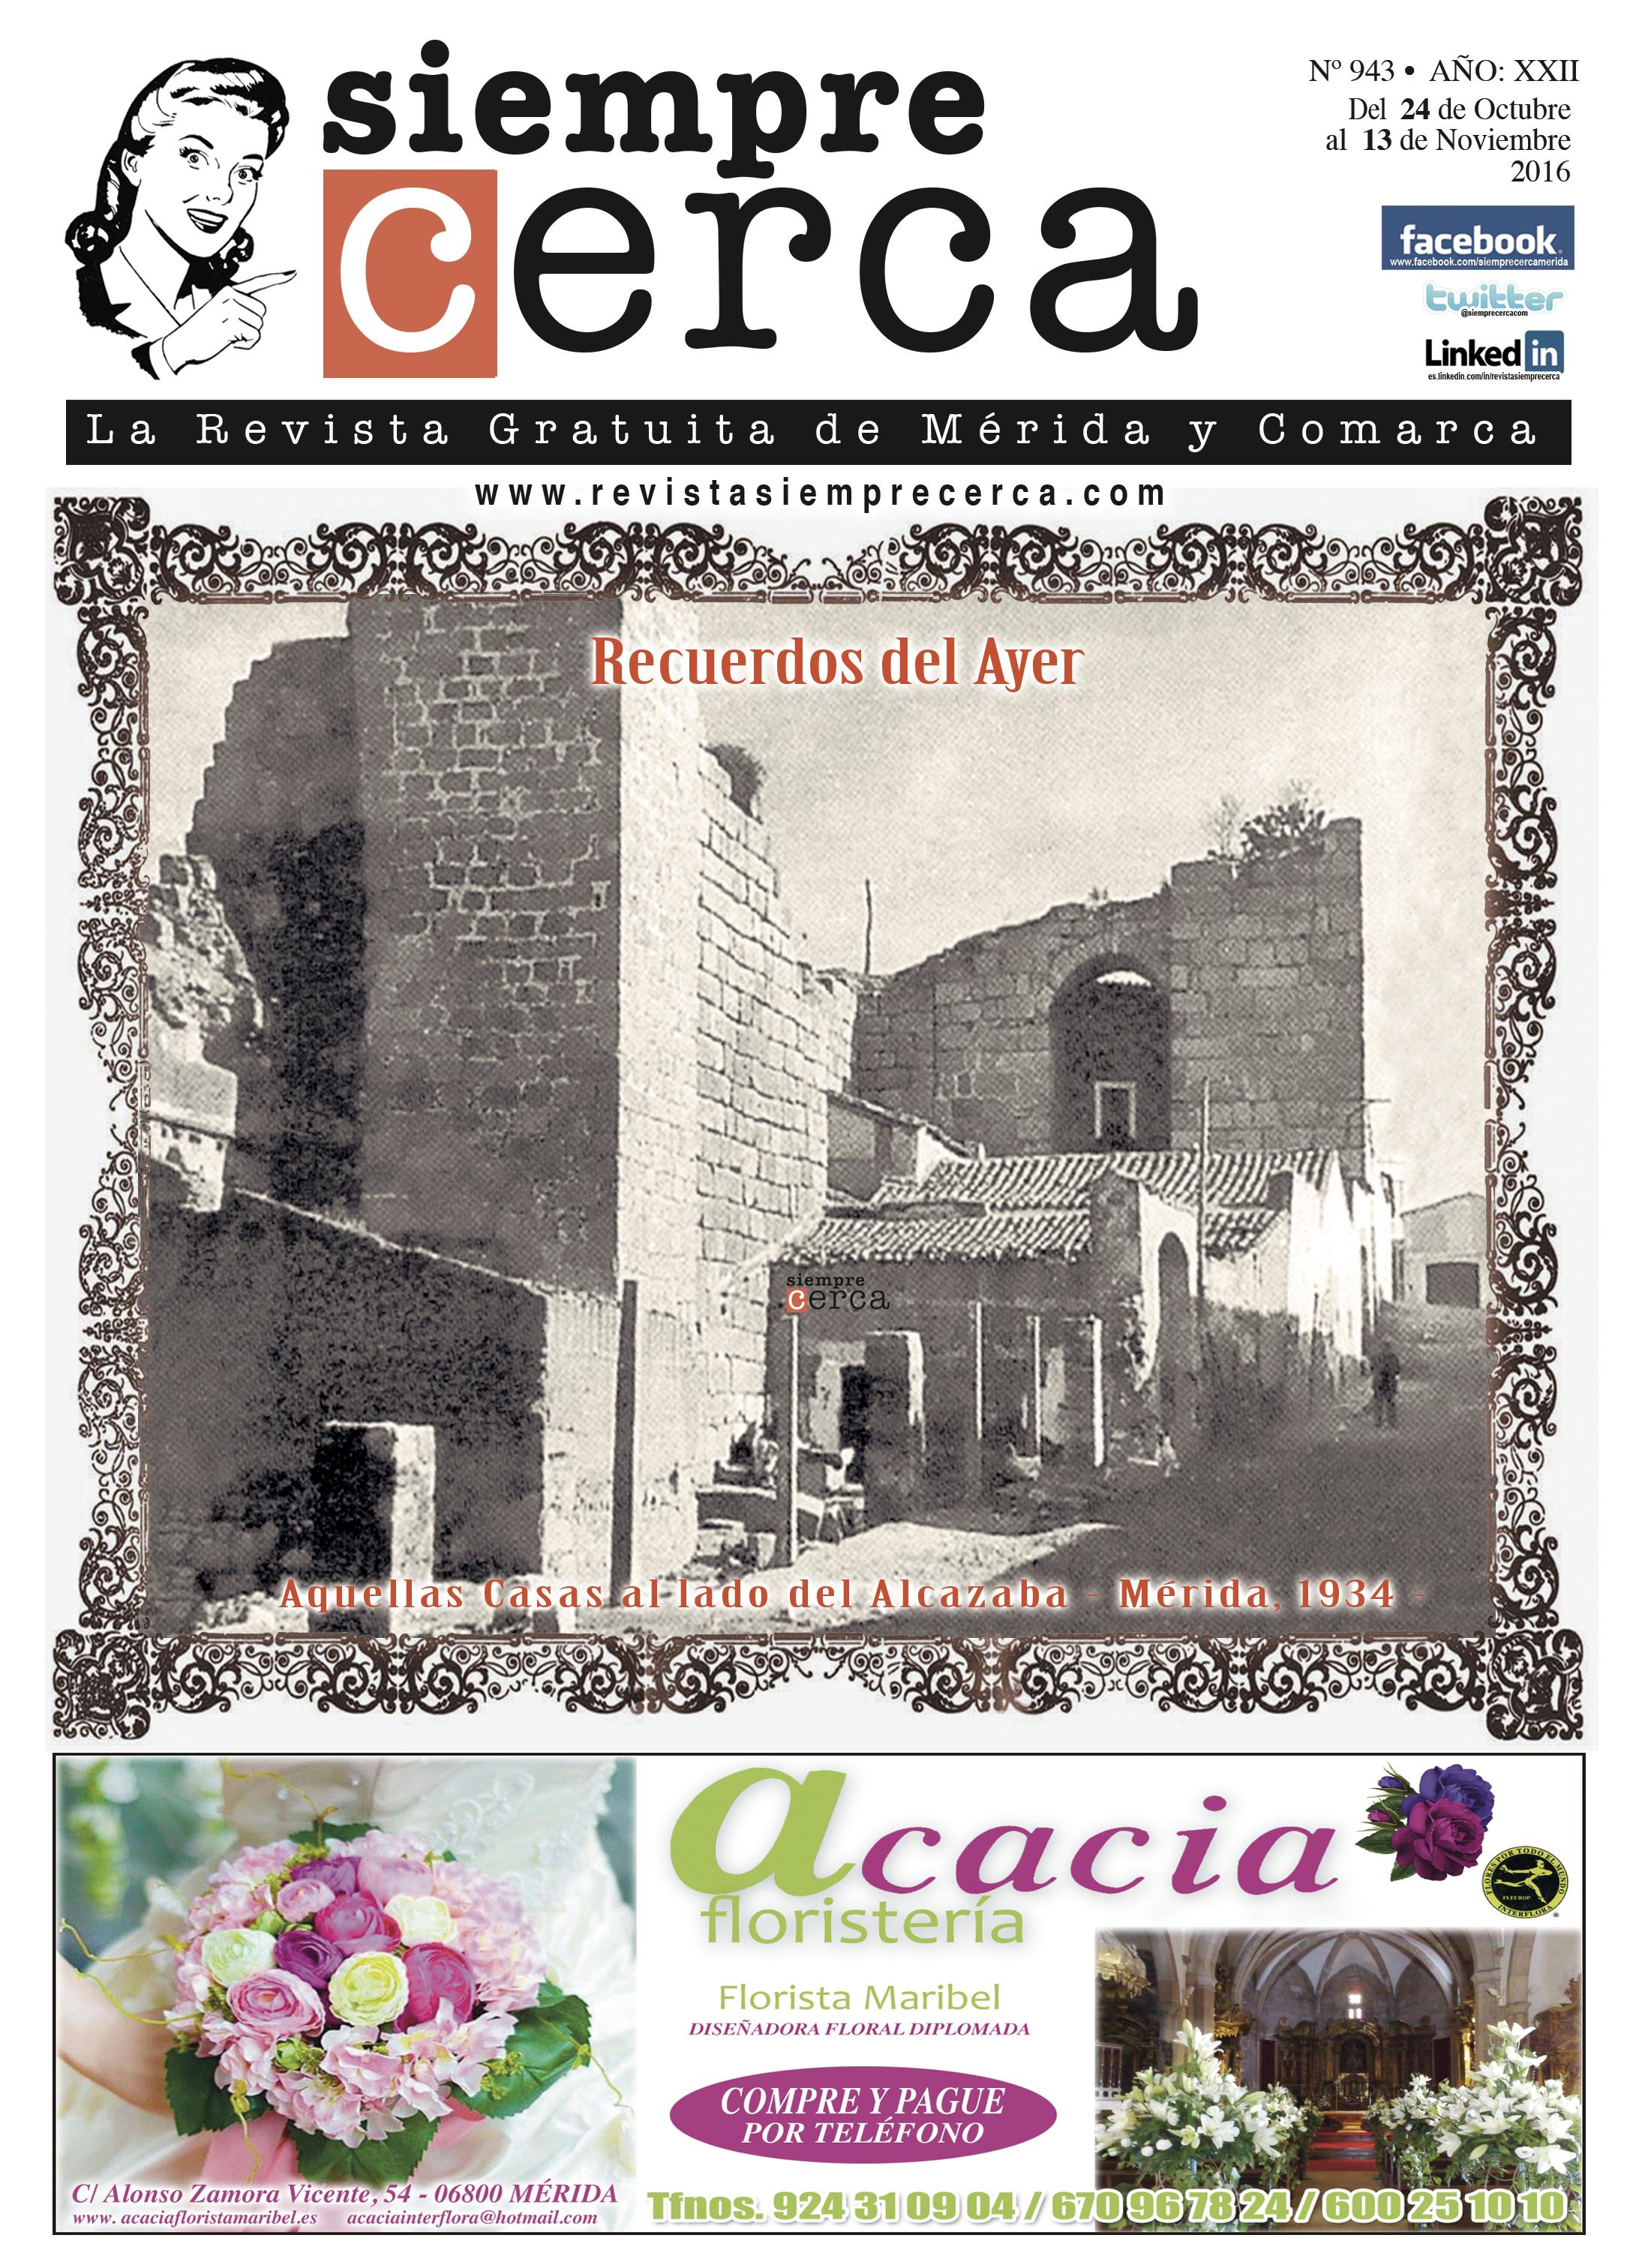 Alcazaba. Mérida. 1934